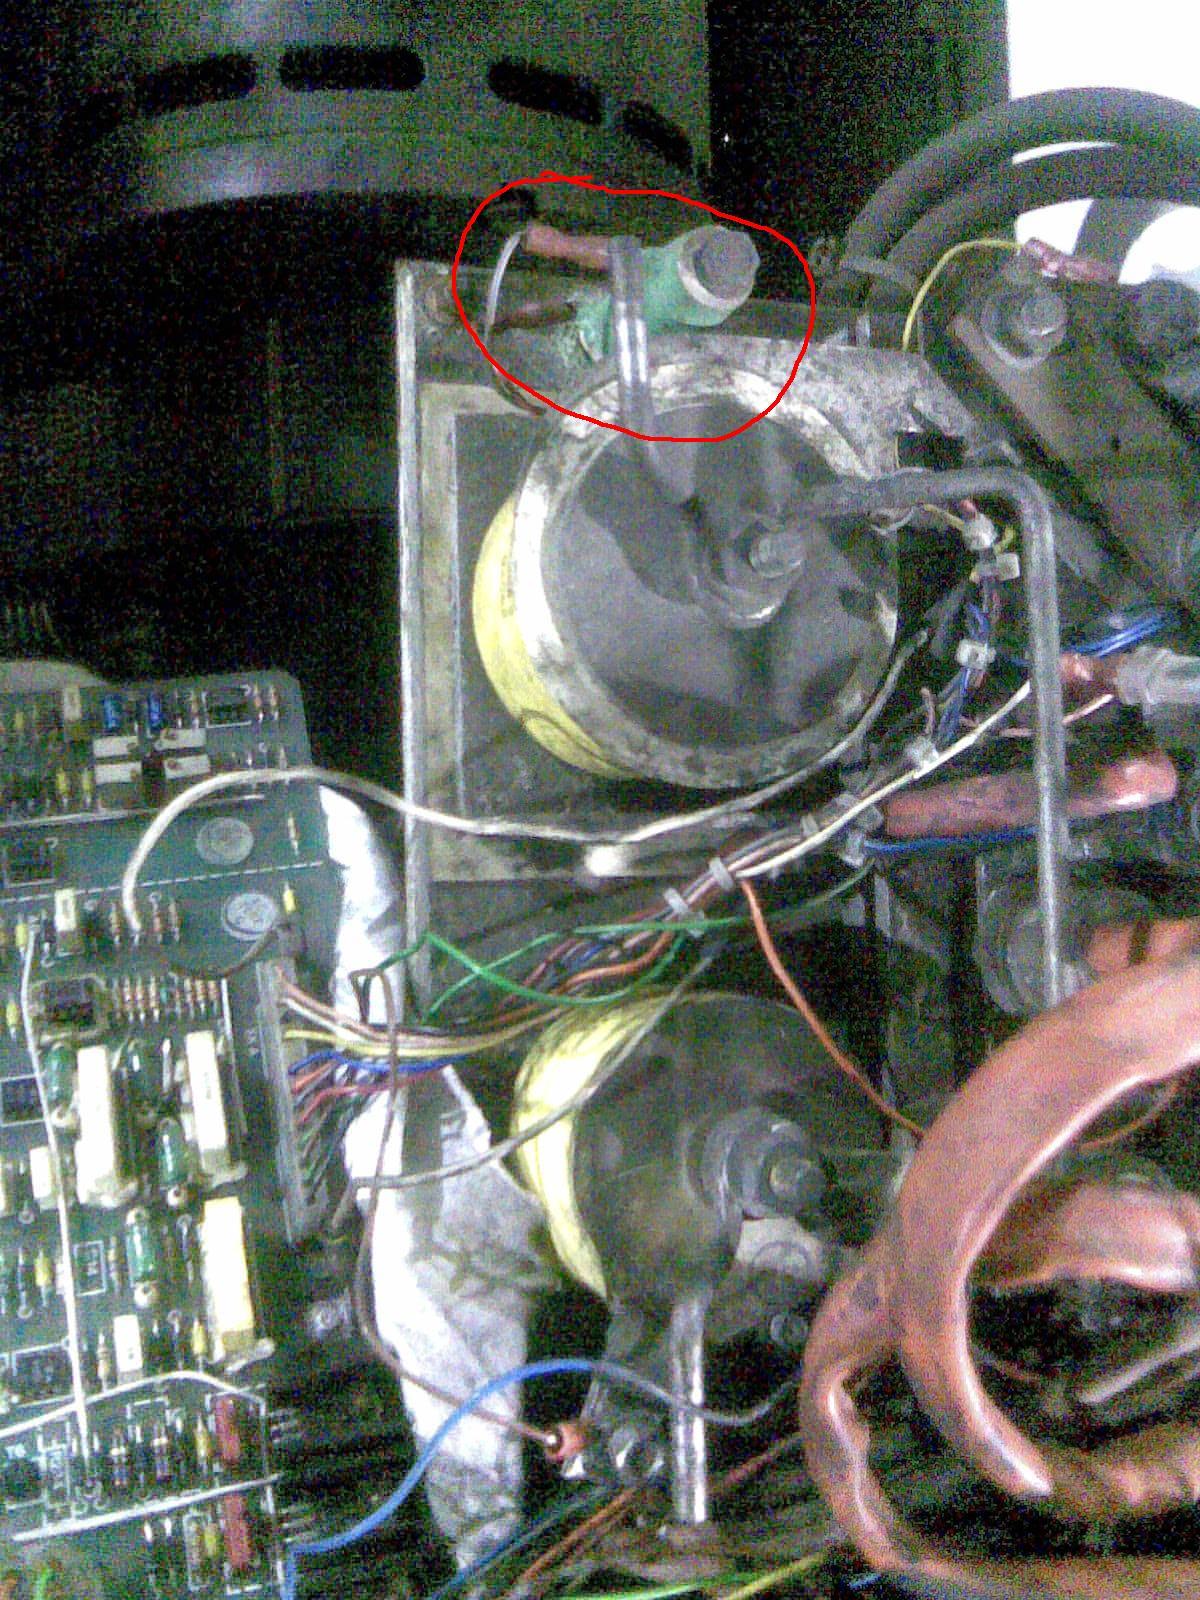 W�zek elektryczny Charlatte nie dzia�a